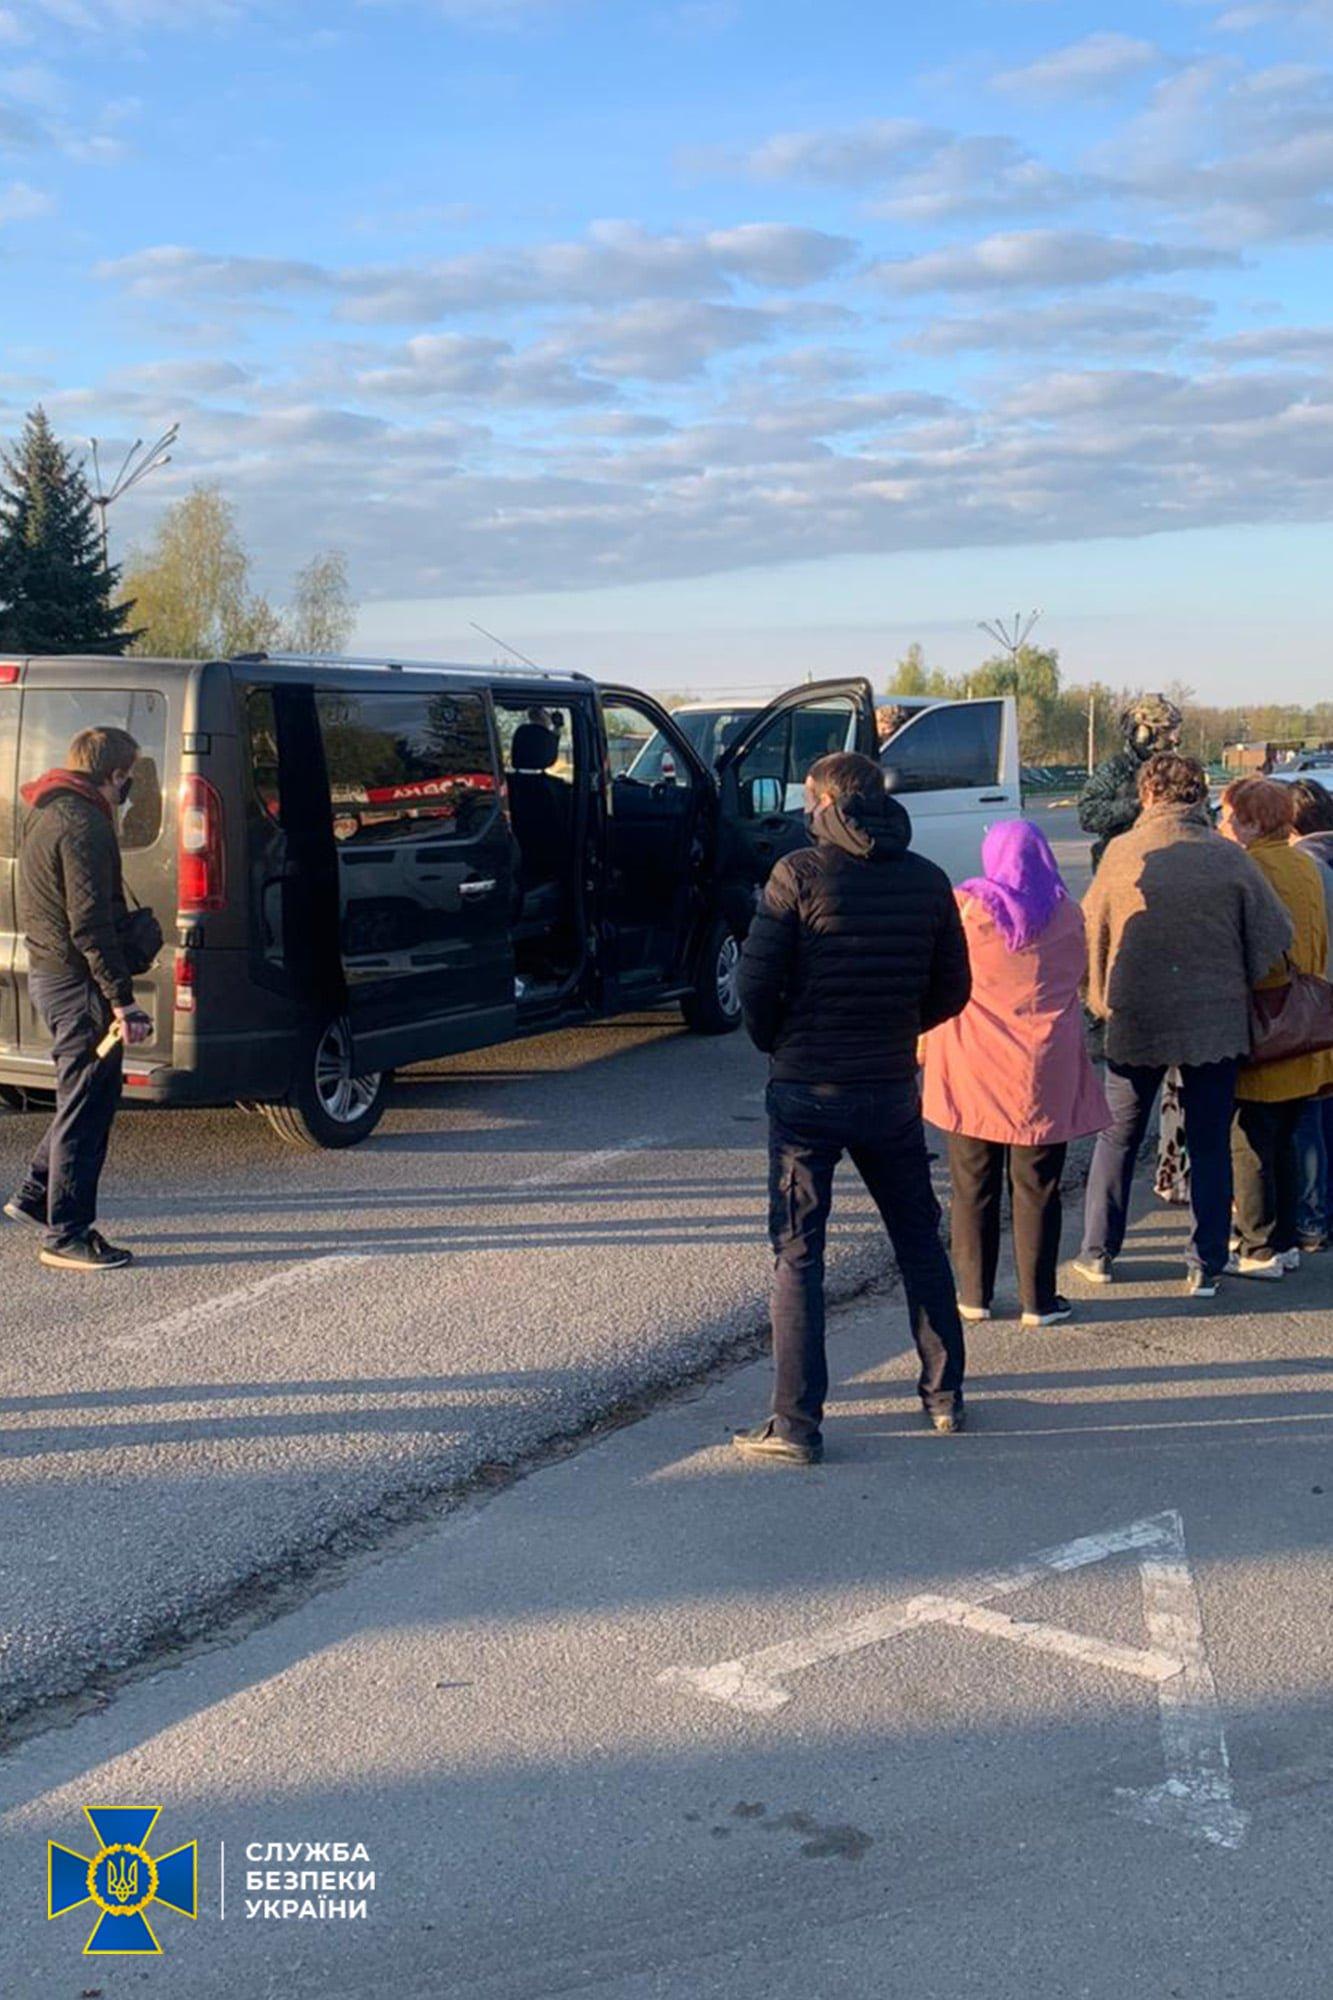 В Днепре СБУ накрыла схему перевозок в ОРДЛО и РФ: люди платили деньги боевикам, фото-2